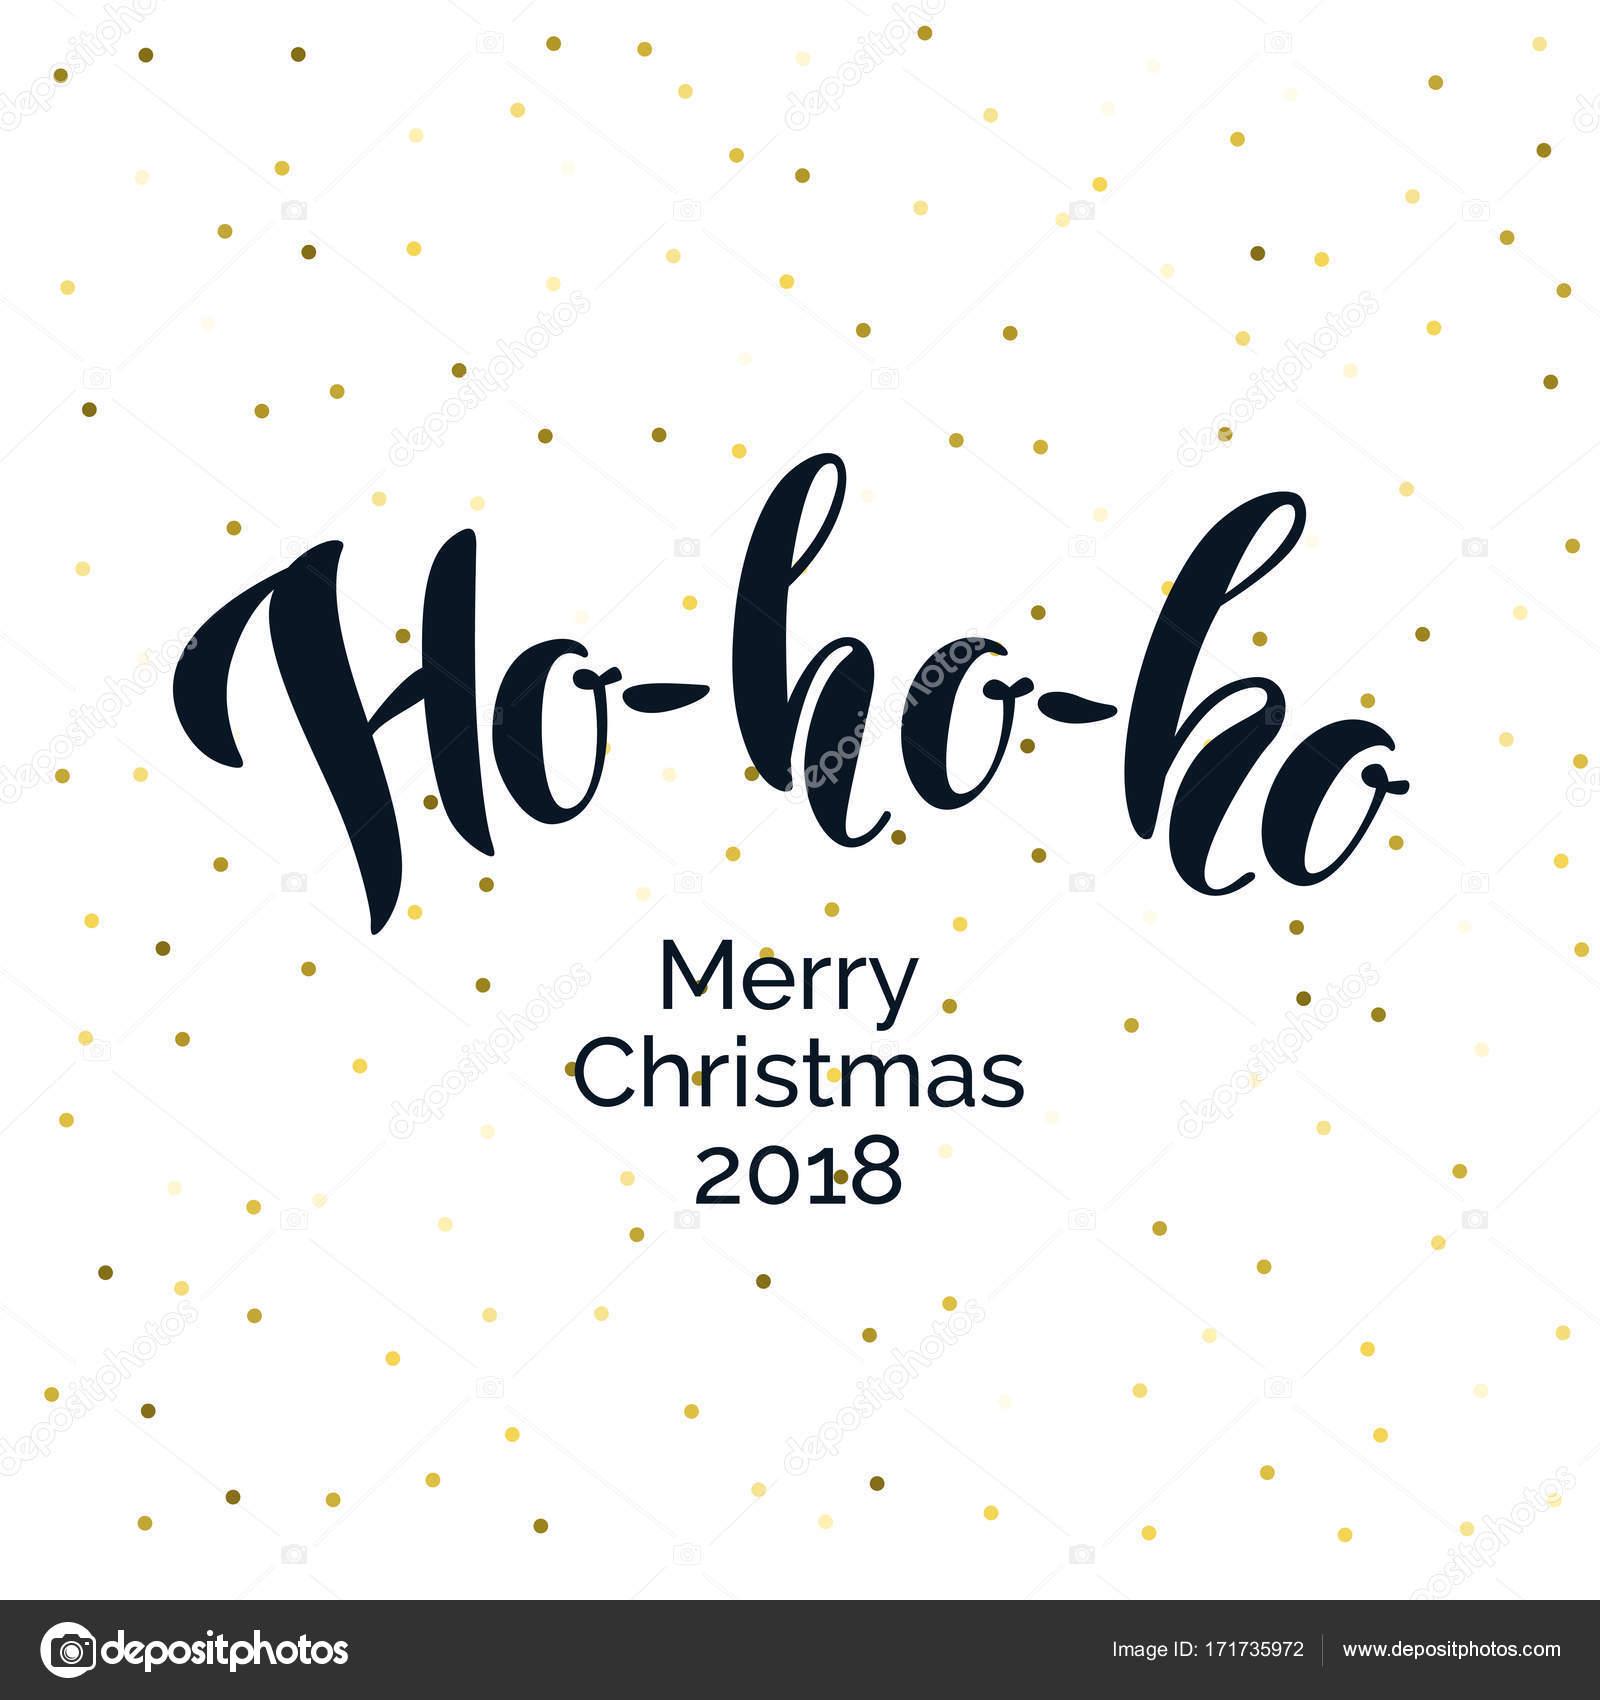 Ho Ho Ho Merry Christmas.Modern Hand Drawn Lettering Phrase Ho Ho Ho Merry